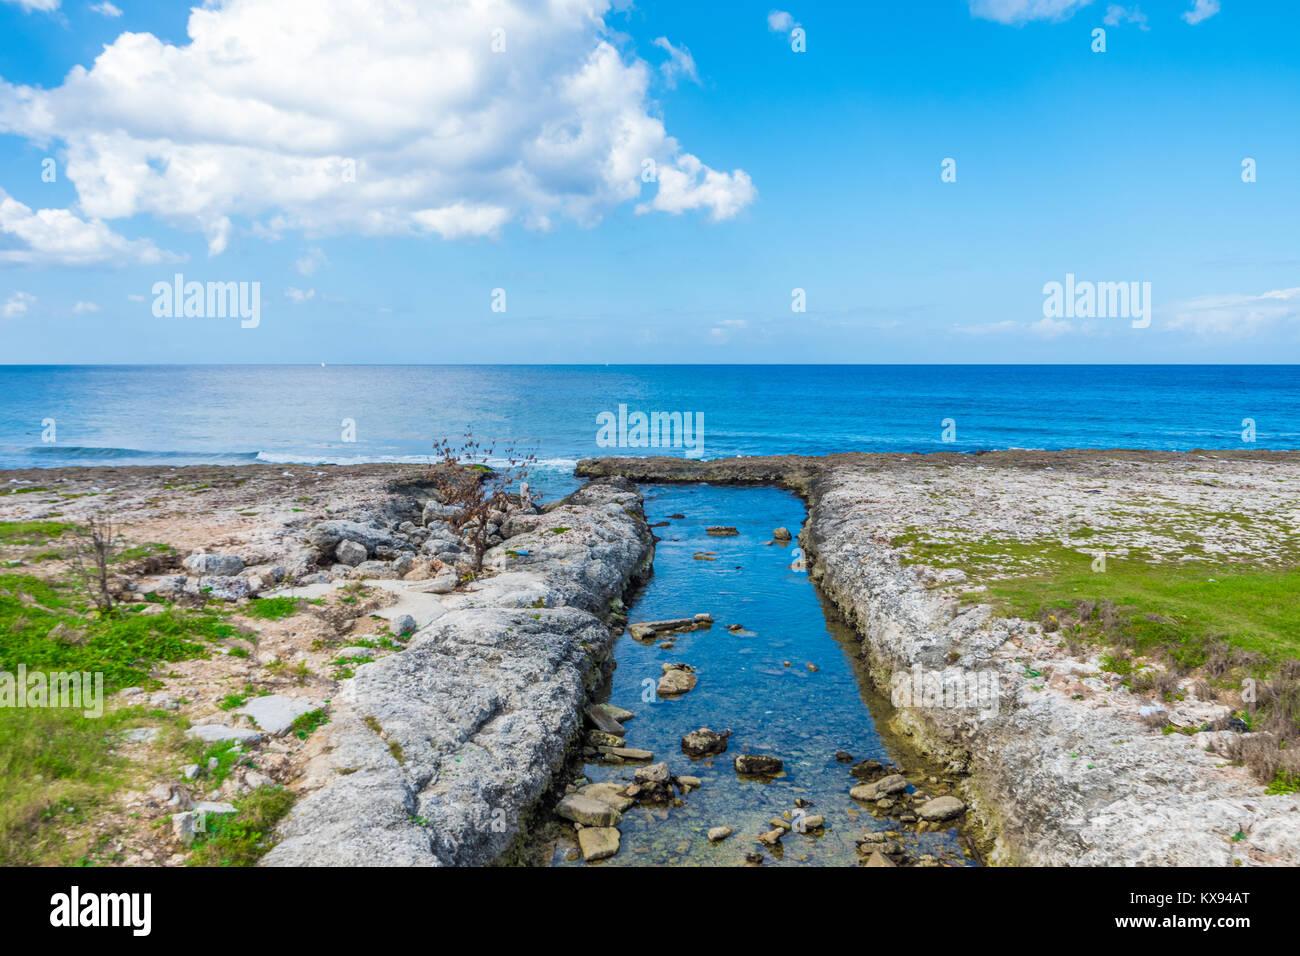 Perfekte Meer und Fluss im Vordergrund im schönen sonnigen Tag in Havanna Stockbild